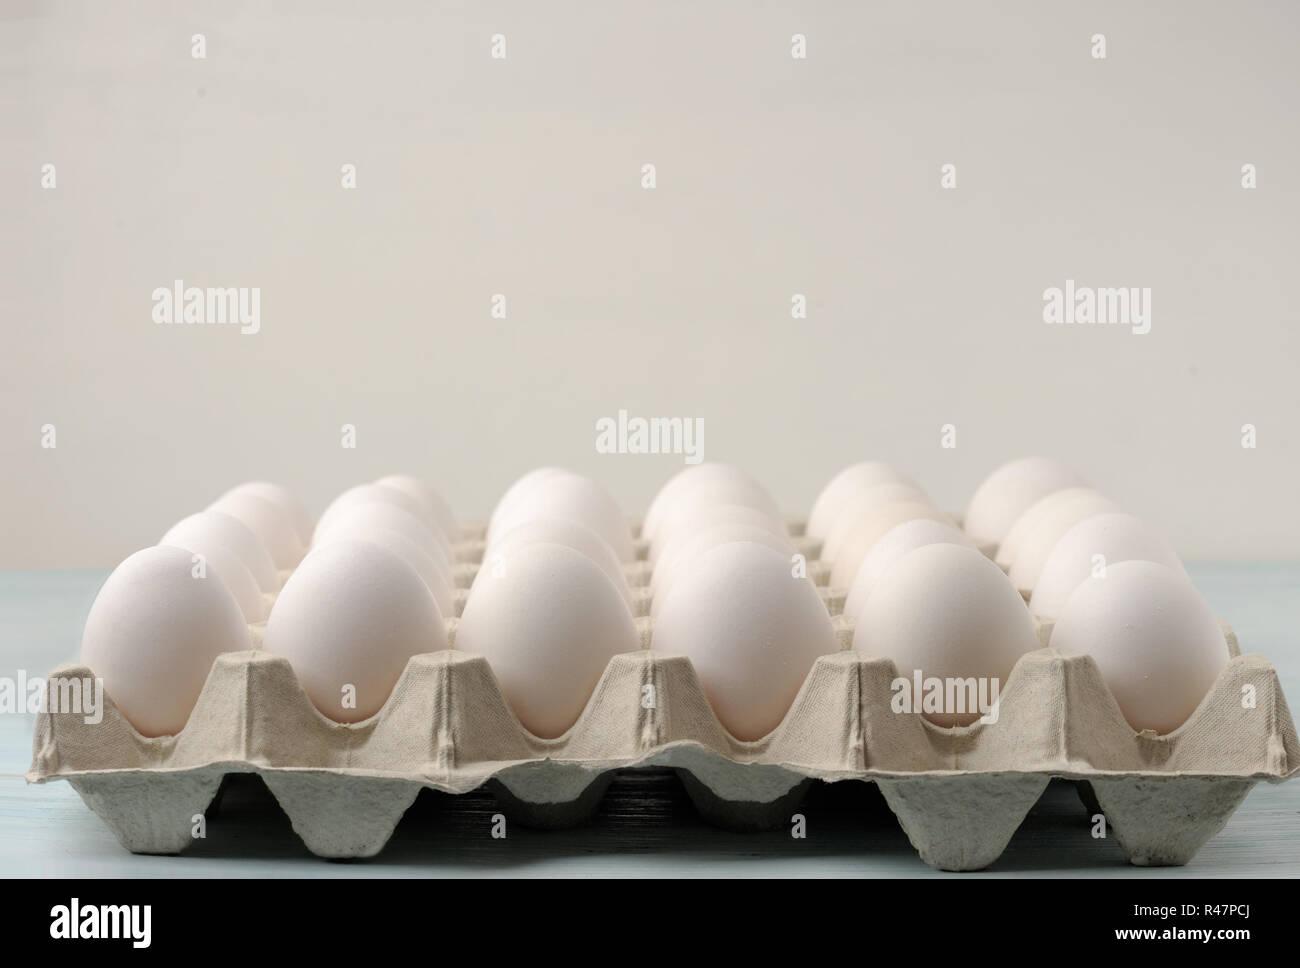 34 huevos frescos en la bandeja de papel . Las bandejas se utilizan generalmente para almacenar huevos frescos de las granjas o en mercados de agricultores. Imagen De Stock